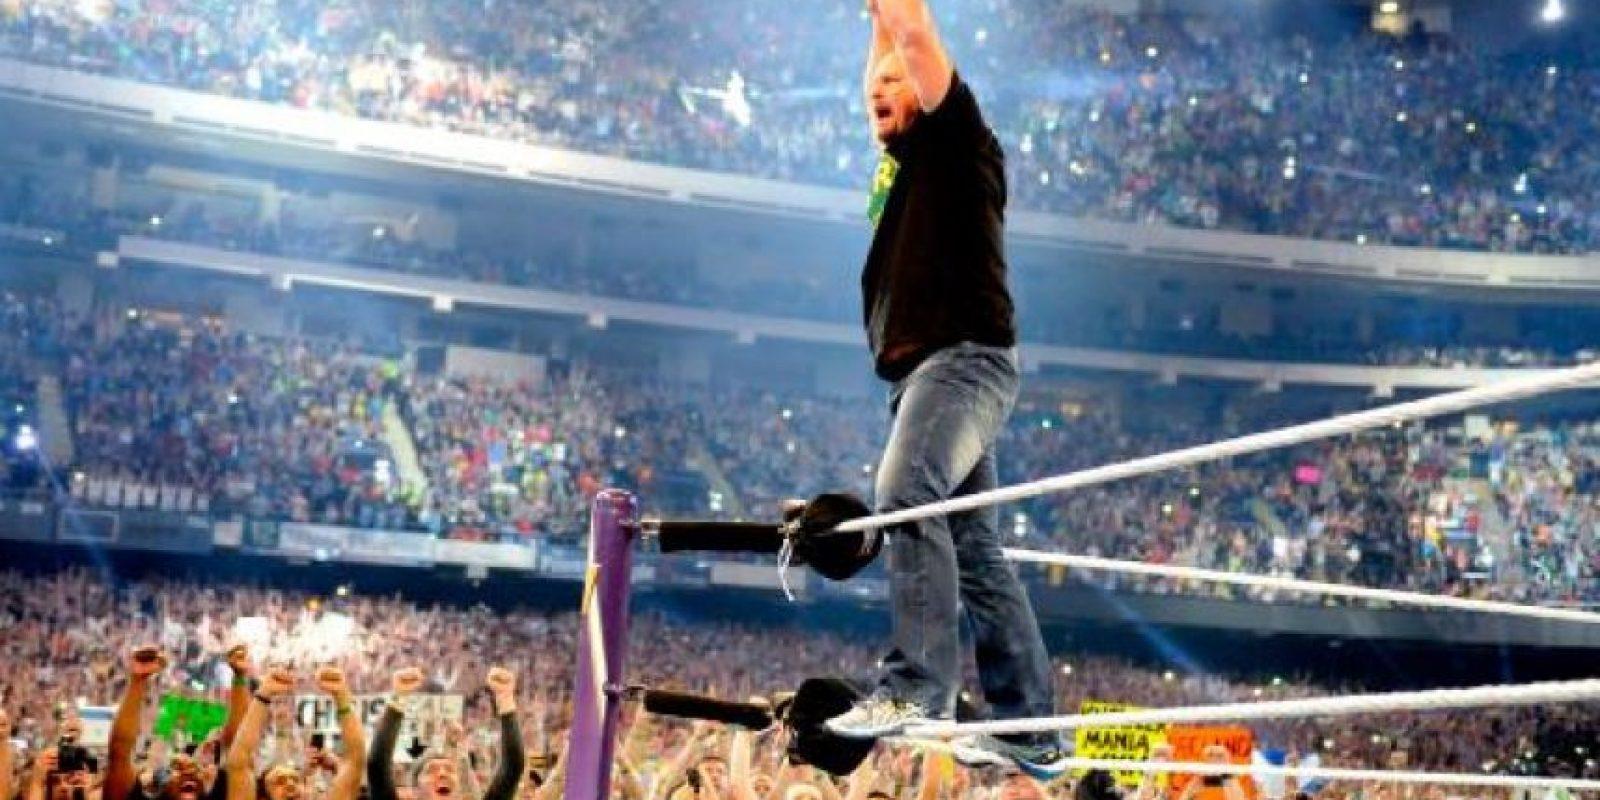 Fue detenido en 2002 por agredir a su esposa Foto:WWE